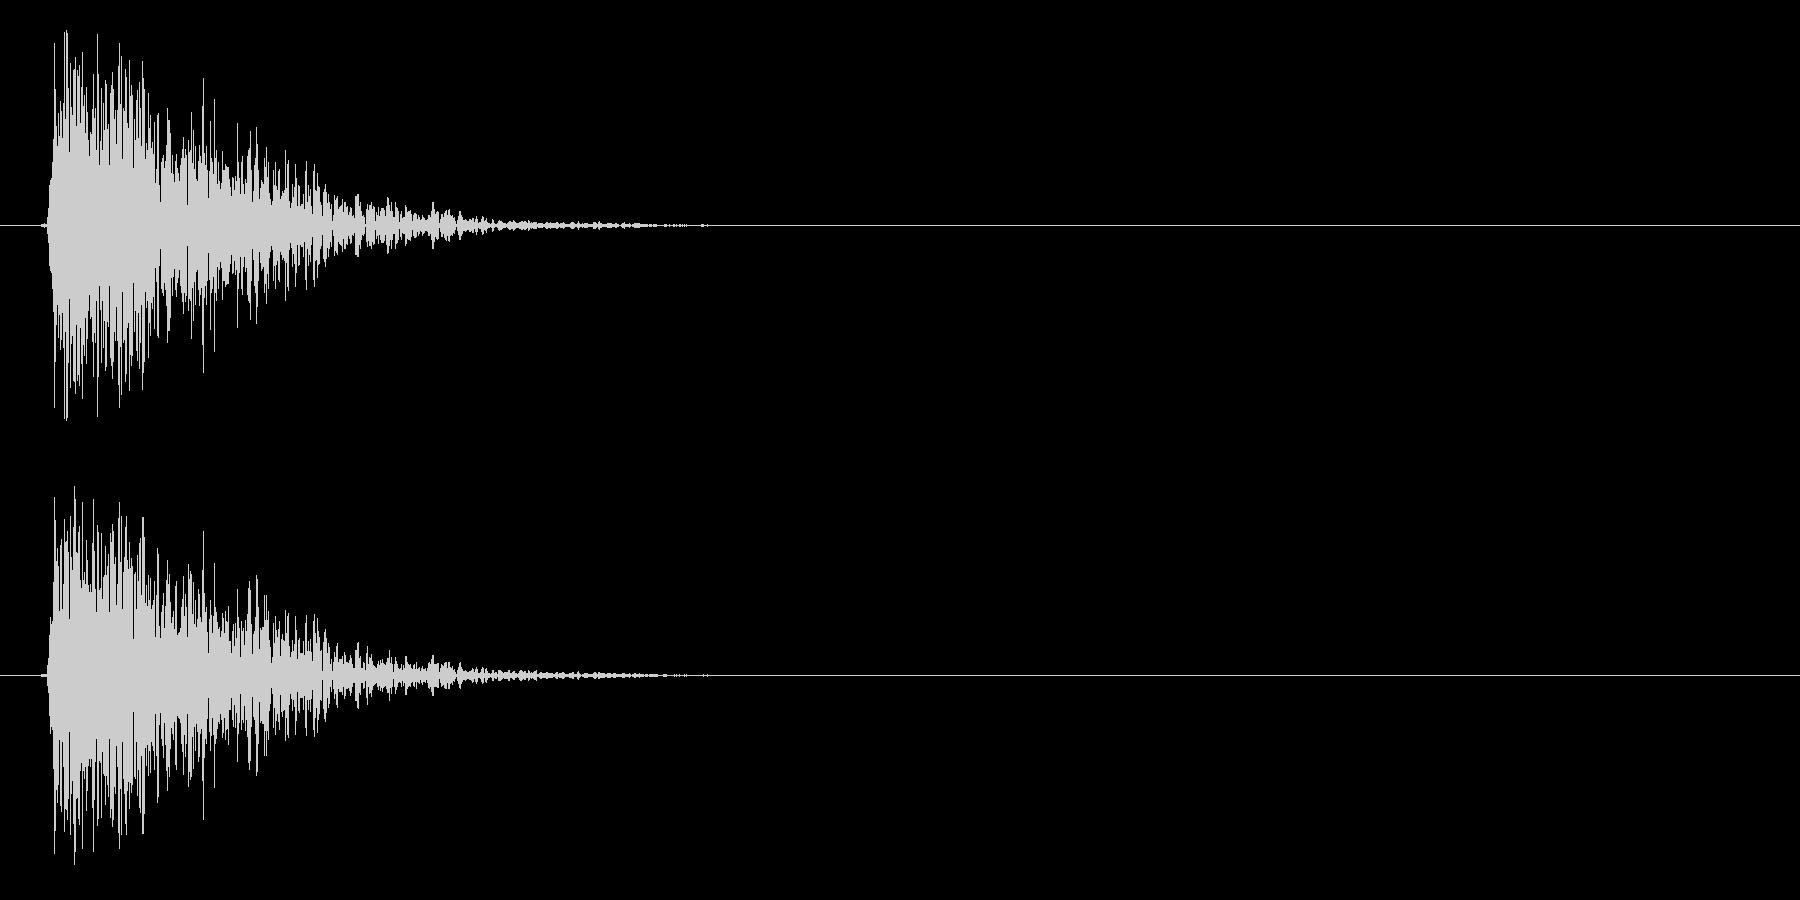 テュン↓(STG、キャンセル、アプリ)の未再生の波形